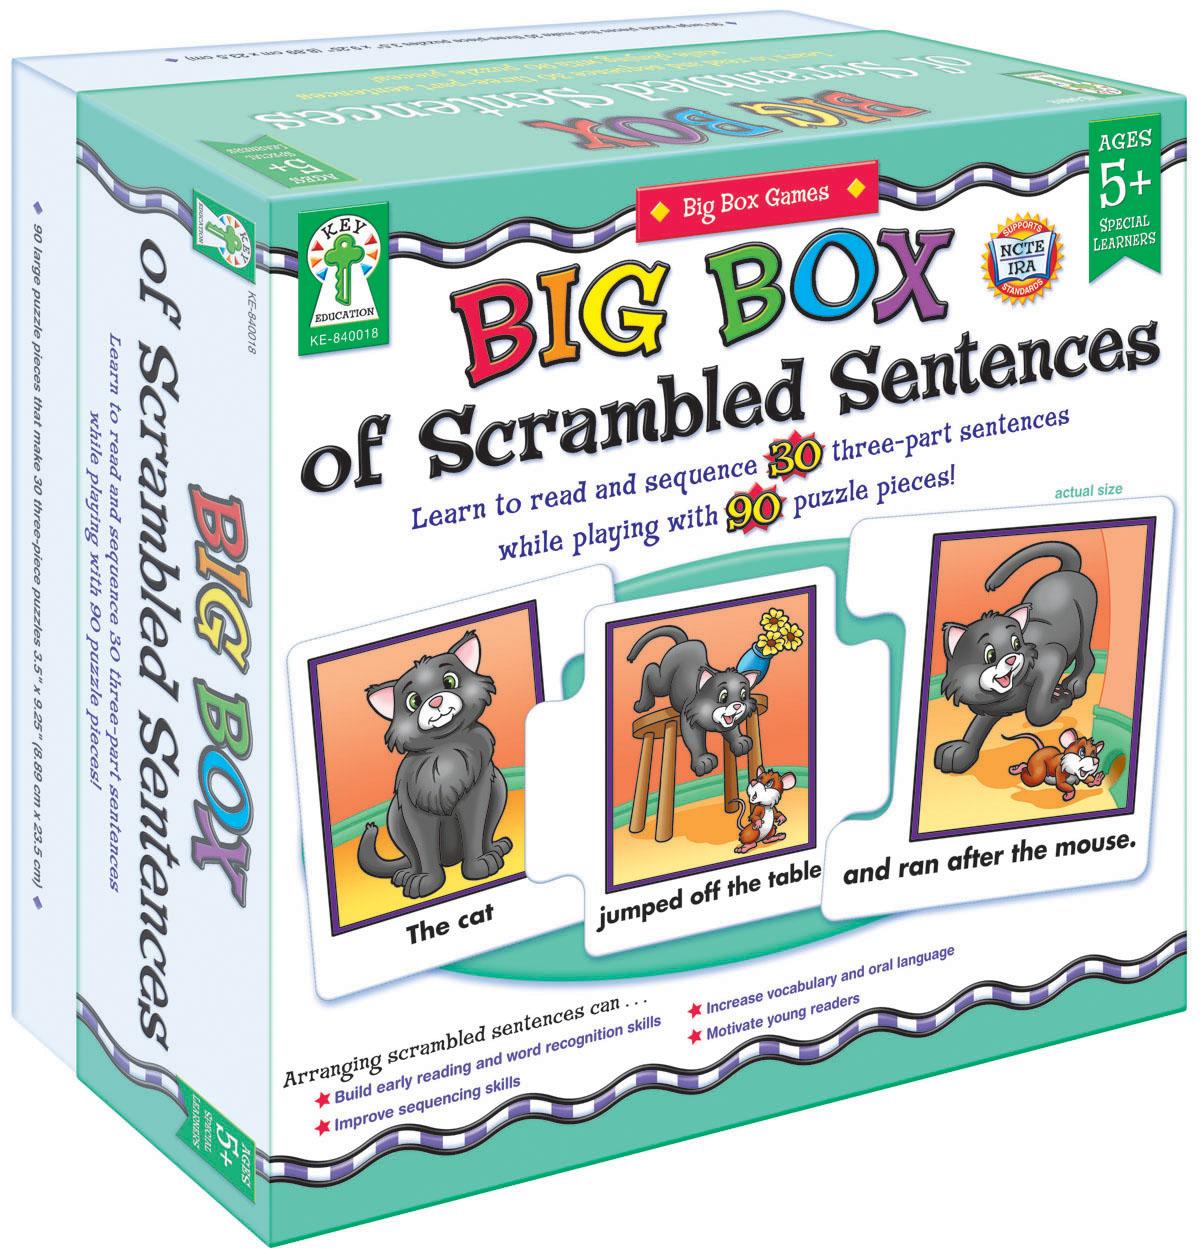 Big Box of Scrambled Sentences